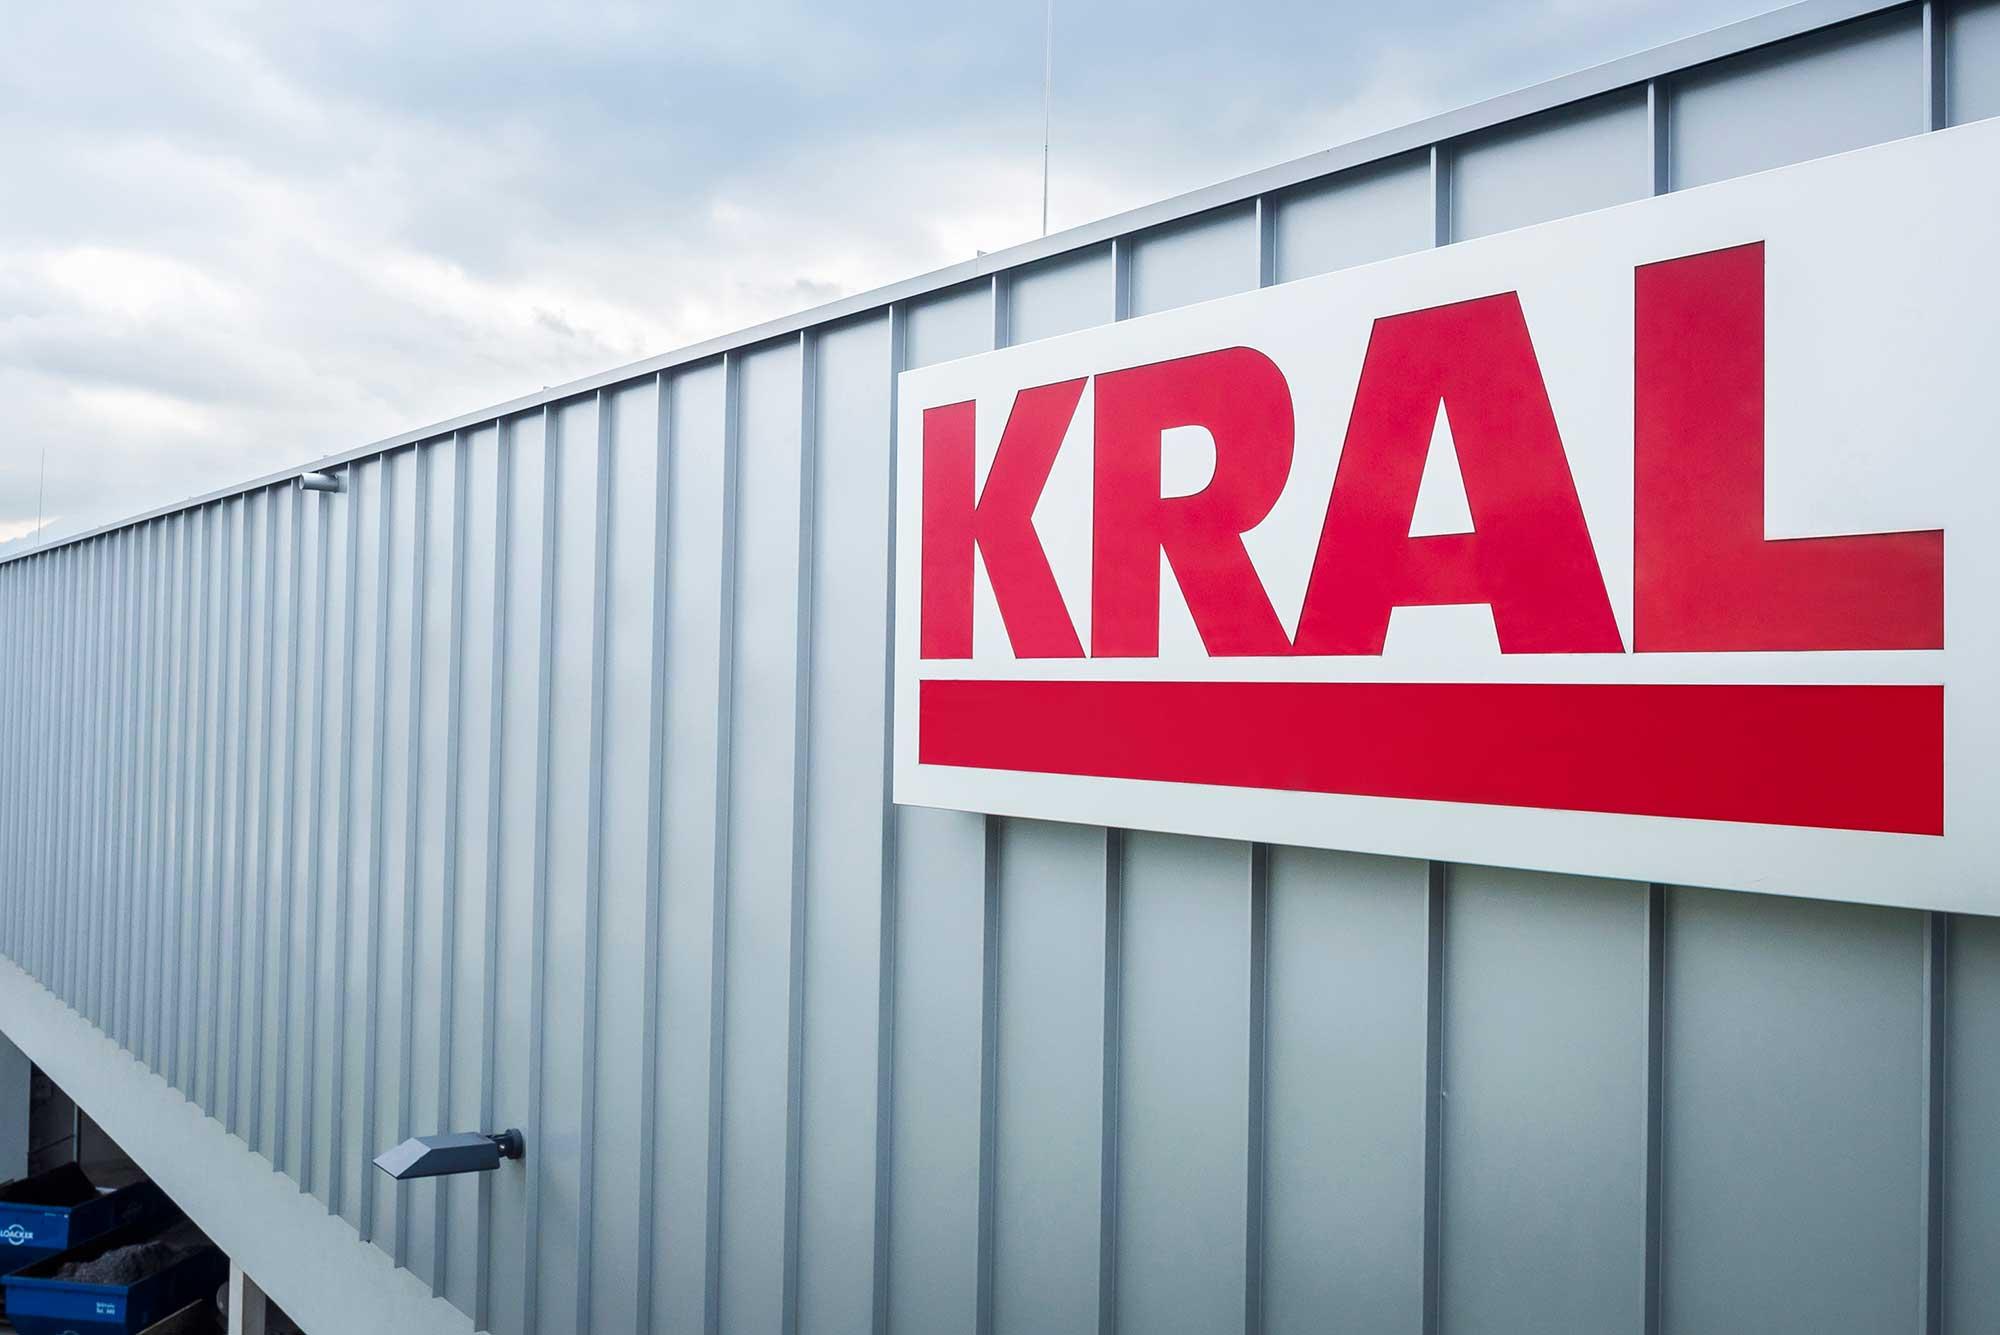 KRAL_Unternehmen-mit-Logo